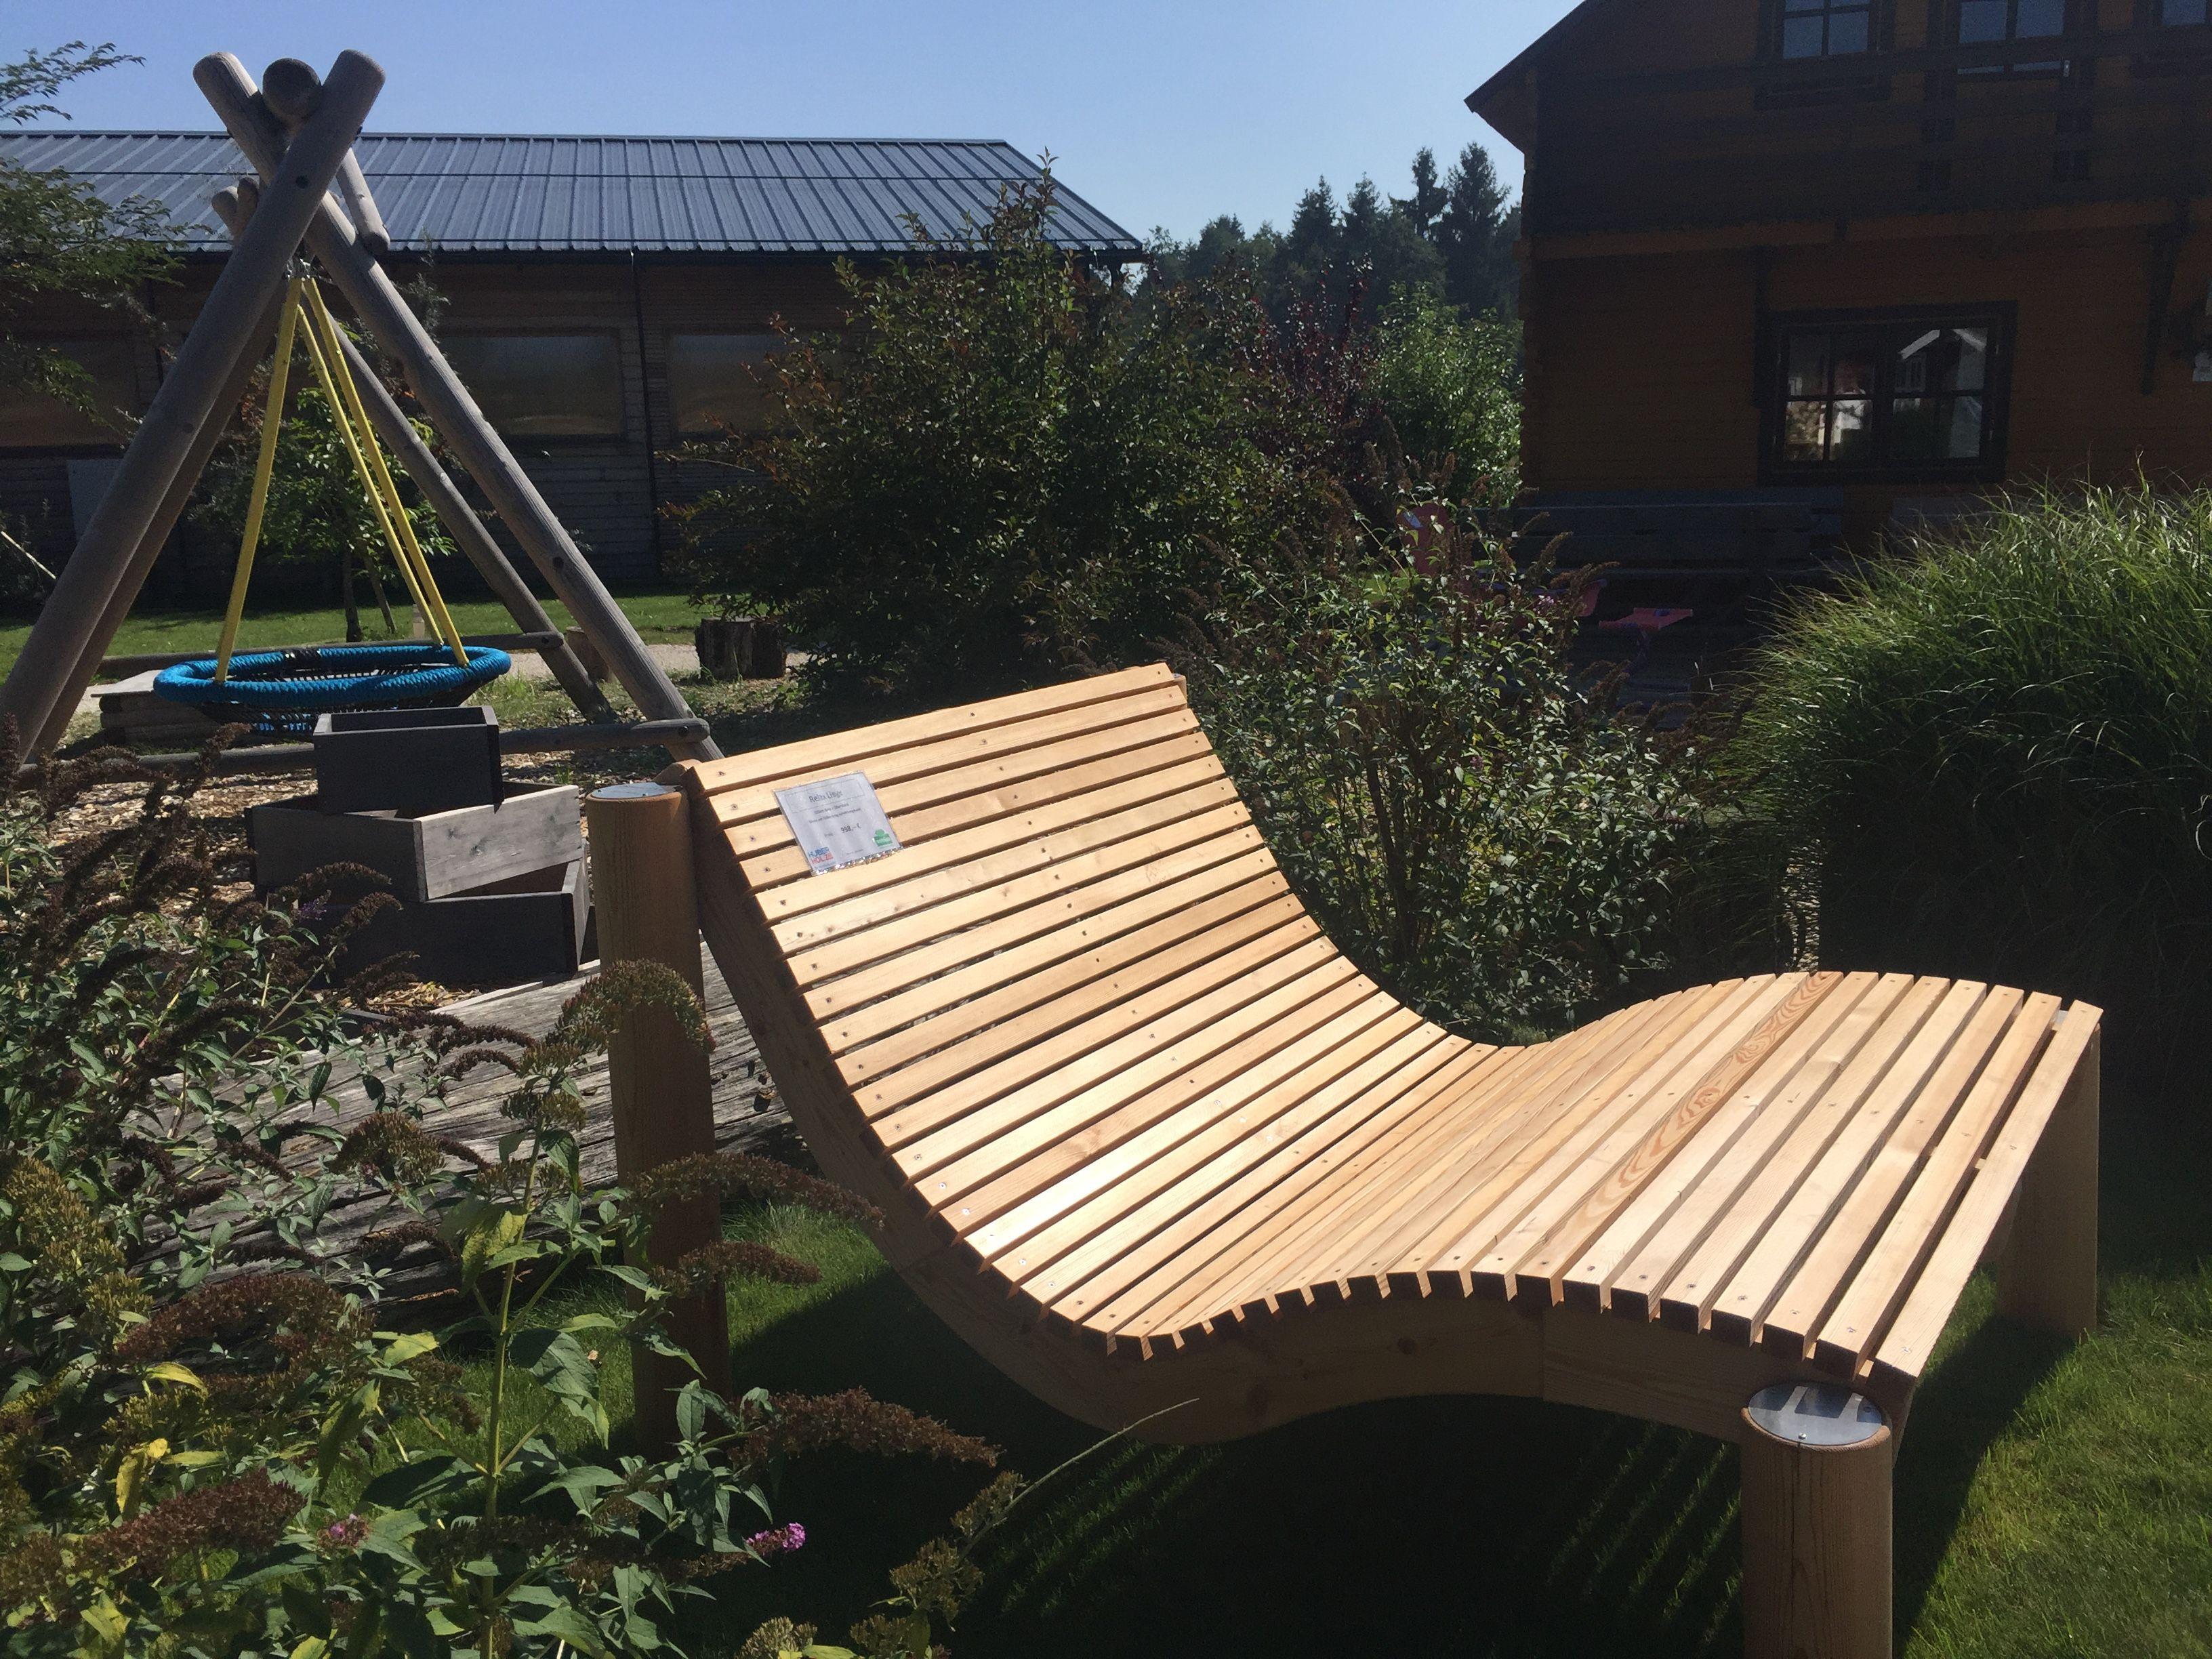 Relaxliege Fur Haus Und Garten Gemutlich Fur Die Ganze Familie Garten Liege Holz Weissgmbh Flachau Holzliege Relaxliege Holz Spielhaus Garten